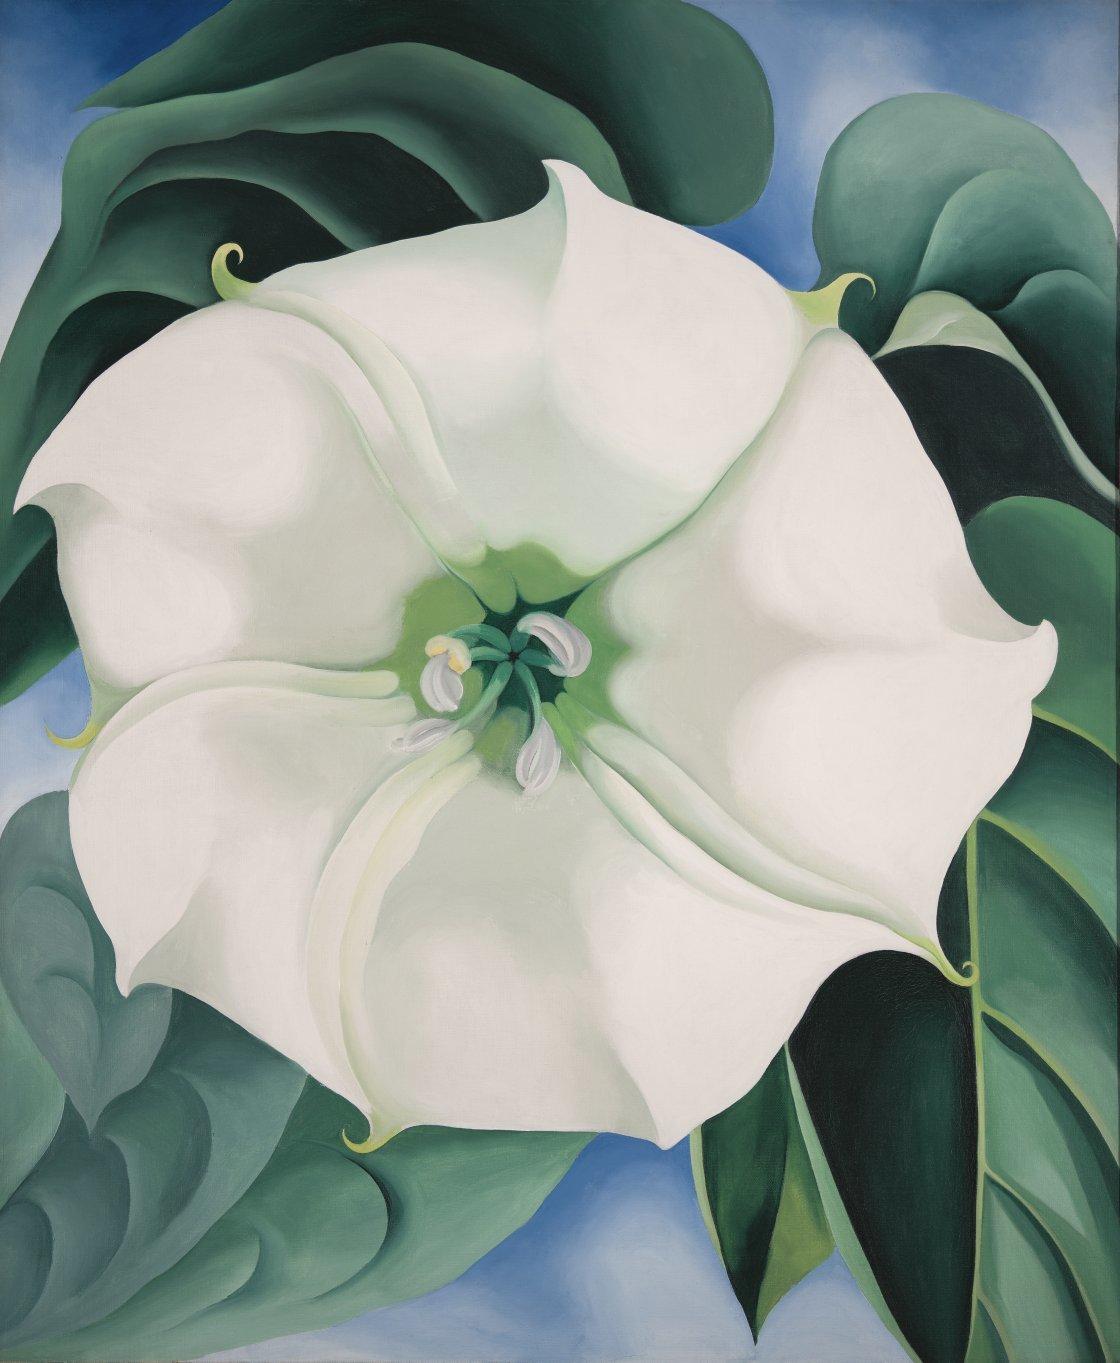 La expo del año: Georgia O'Keeffe, la gran pintora norteamericana, en una retrospectiva del Museo Thyssen